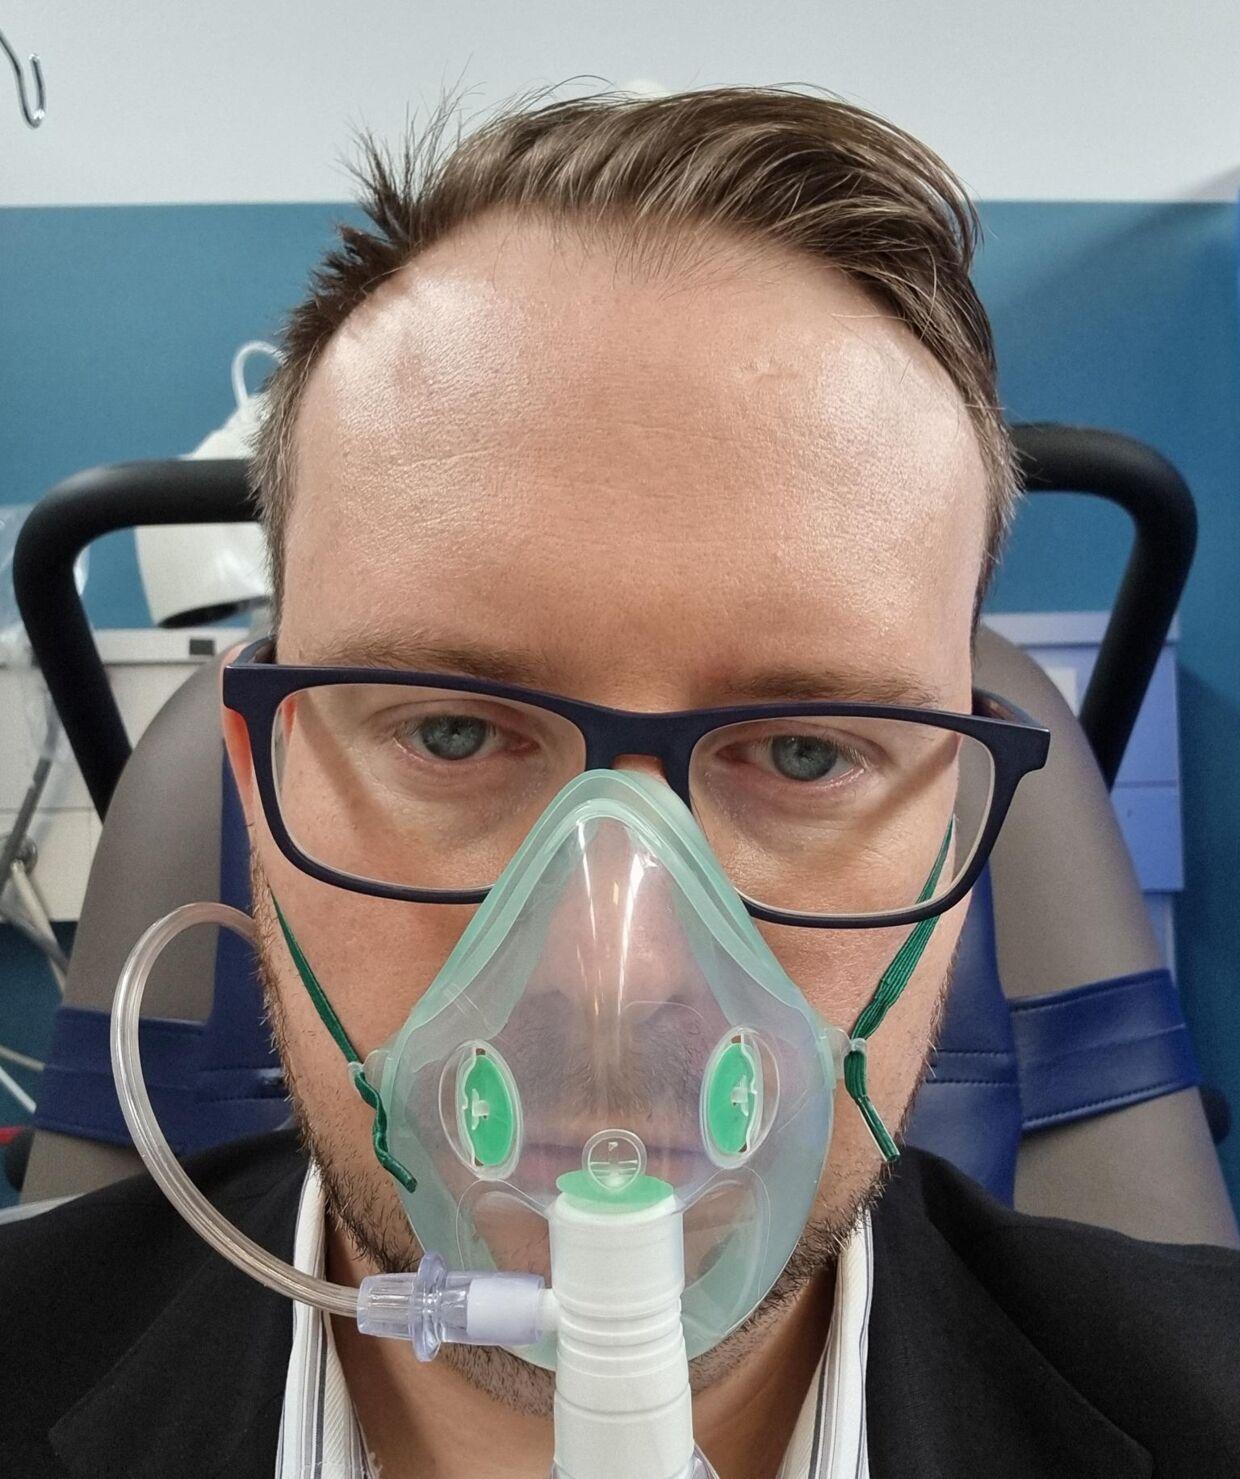 Martin med iltmaske efter at være ankommet til hospitalet